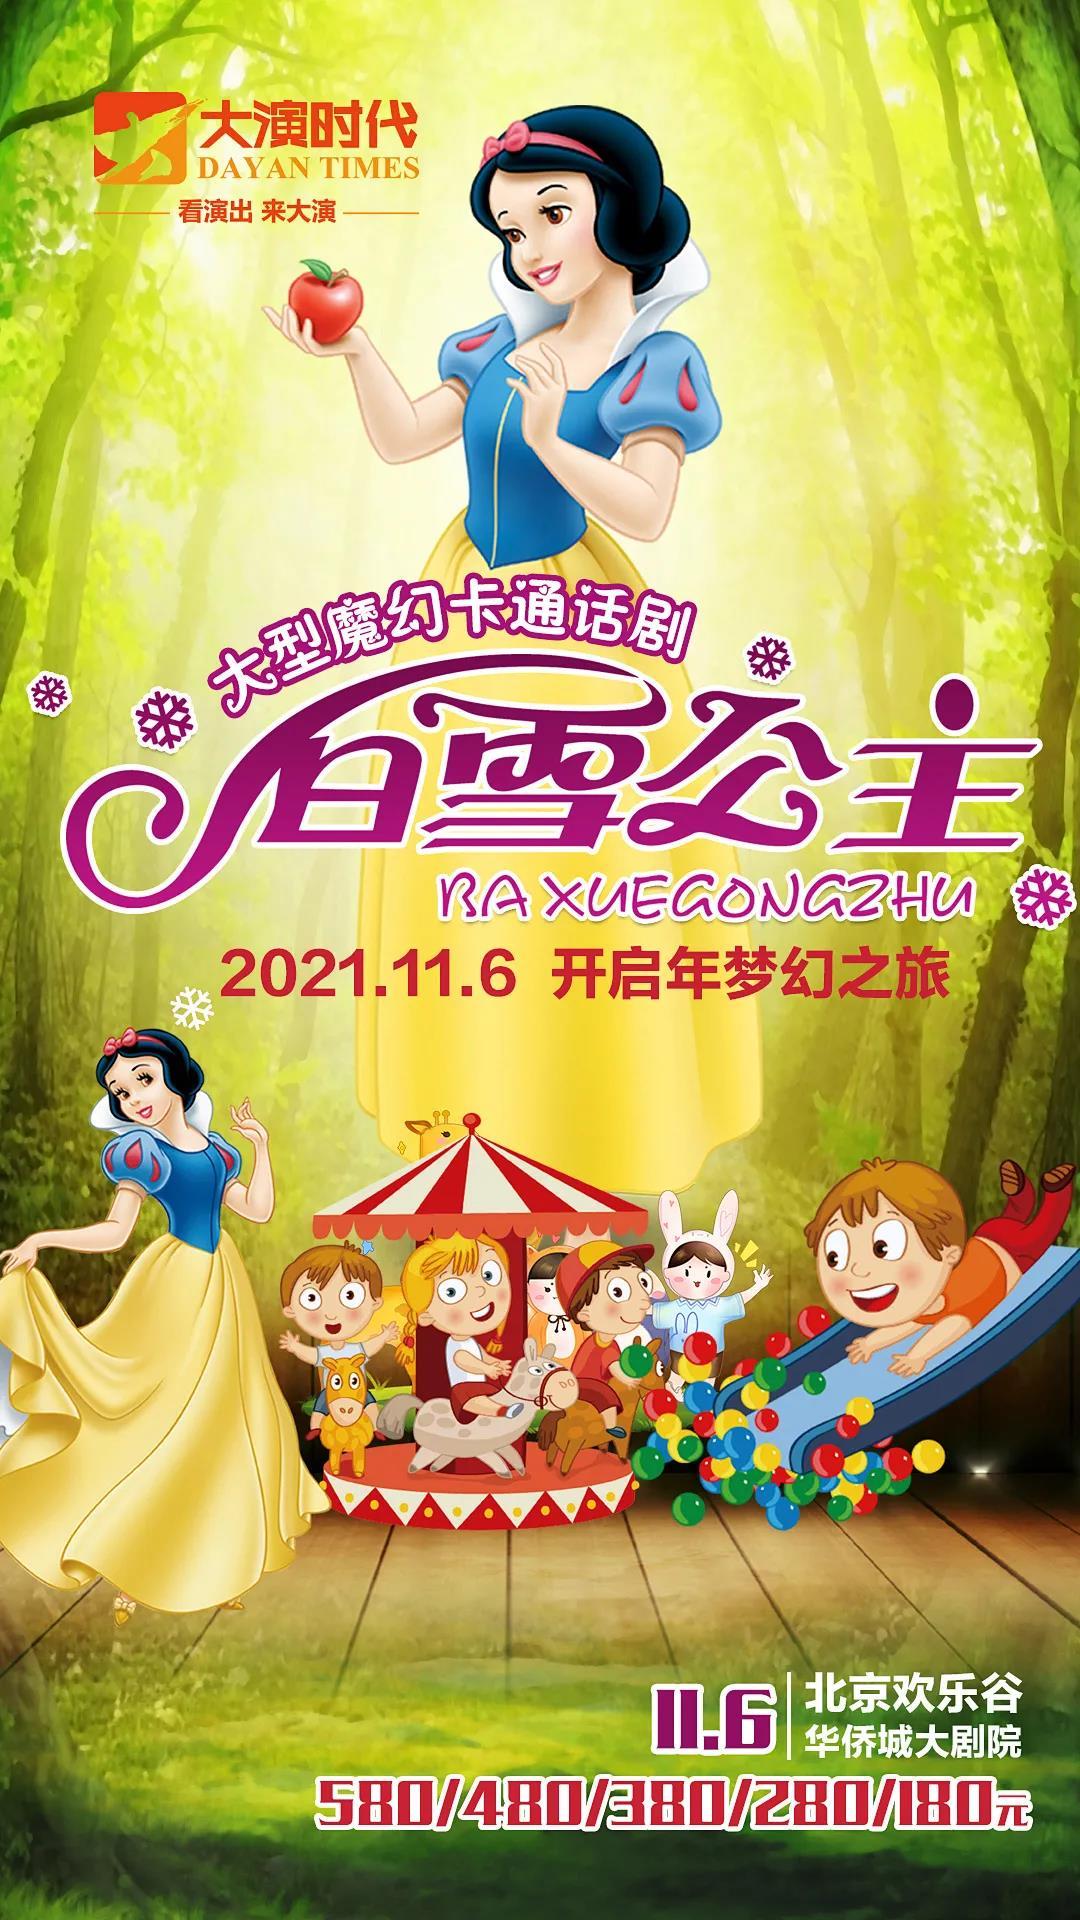 【北京】大型魔幻互动亲子经典舞台剧《白雪公主》